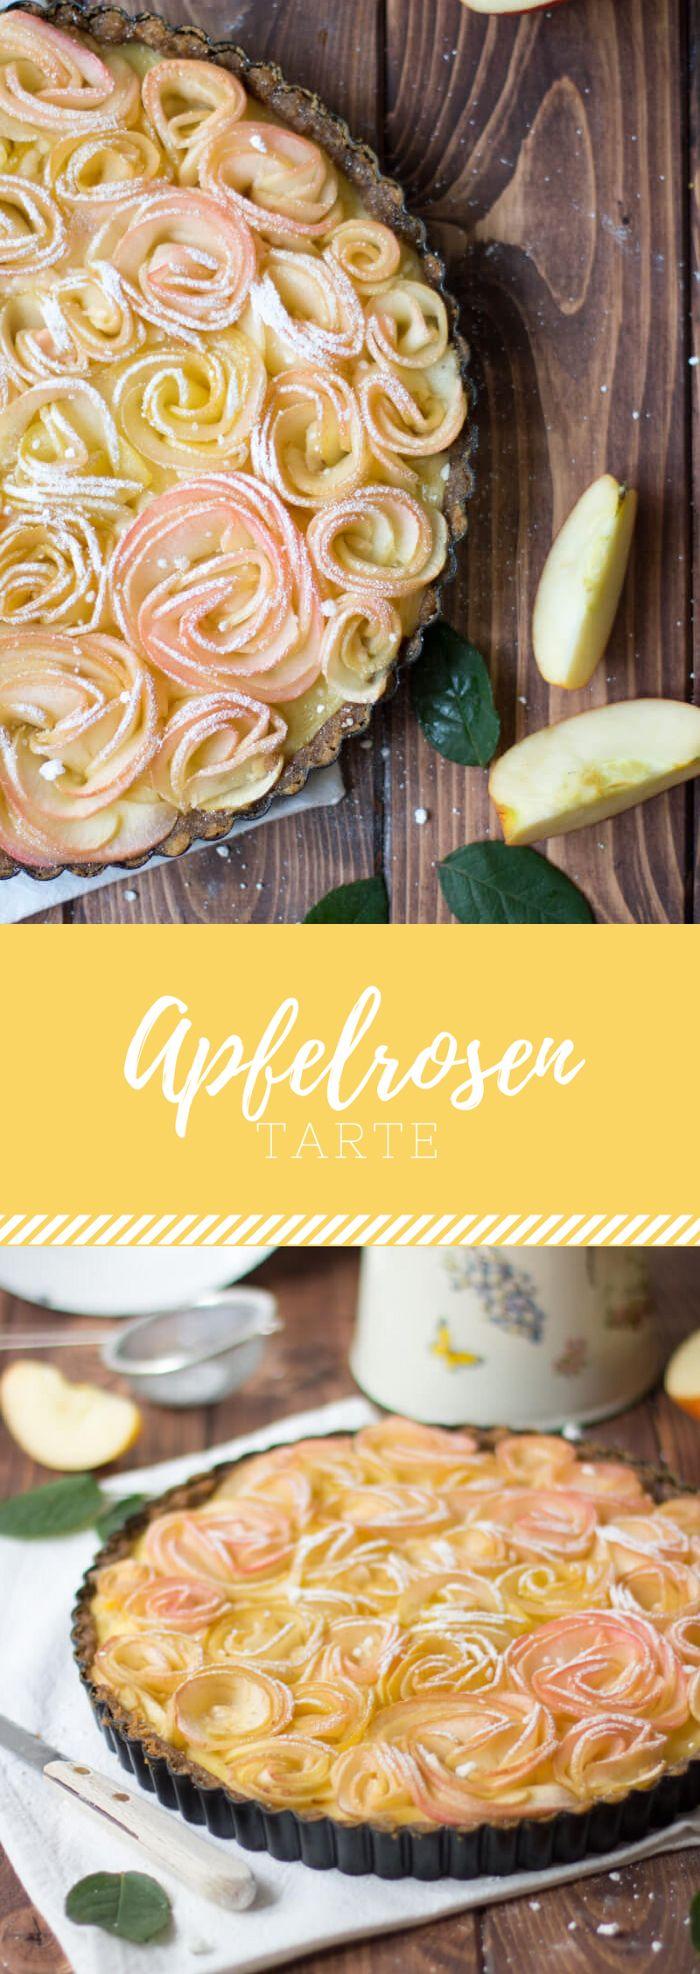 Apfelrosen-Tarte. Die Äpfel sehen aus wie kleine Rosen. Damit ist es das perfekte Rezept für Frühling oder Herbst.